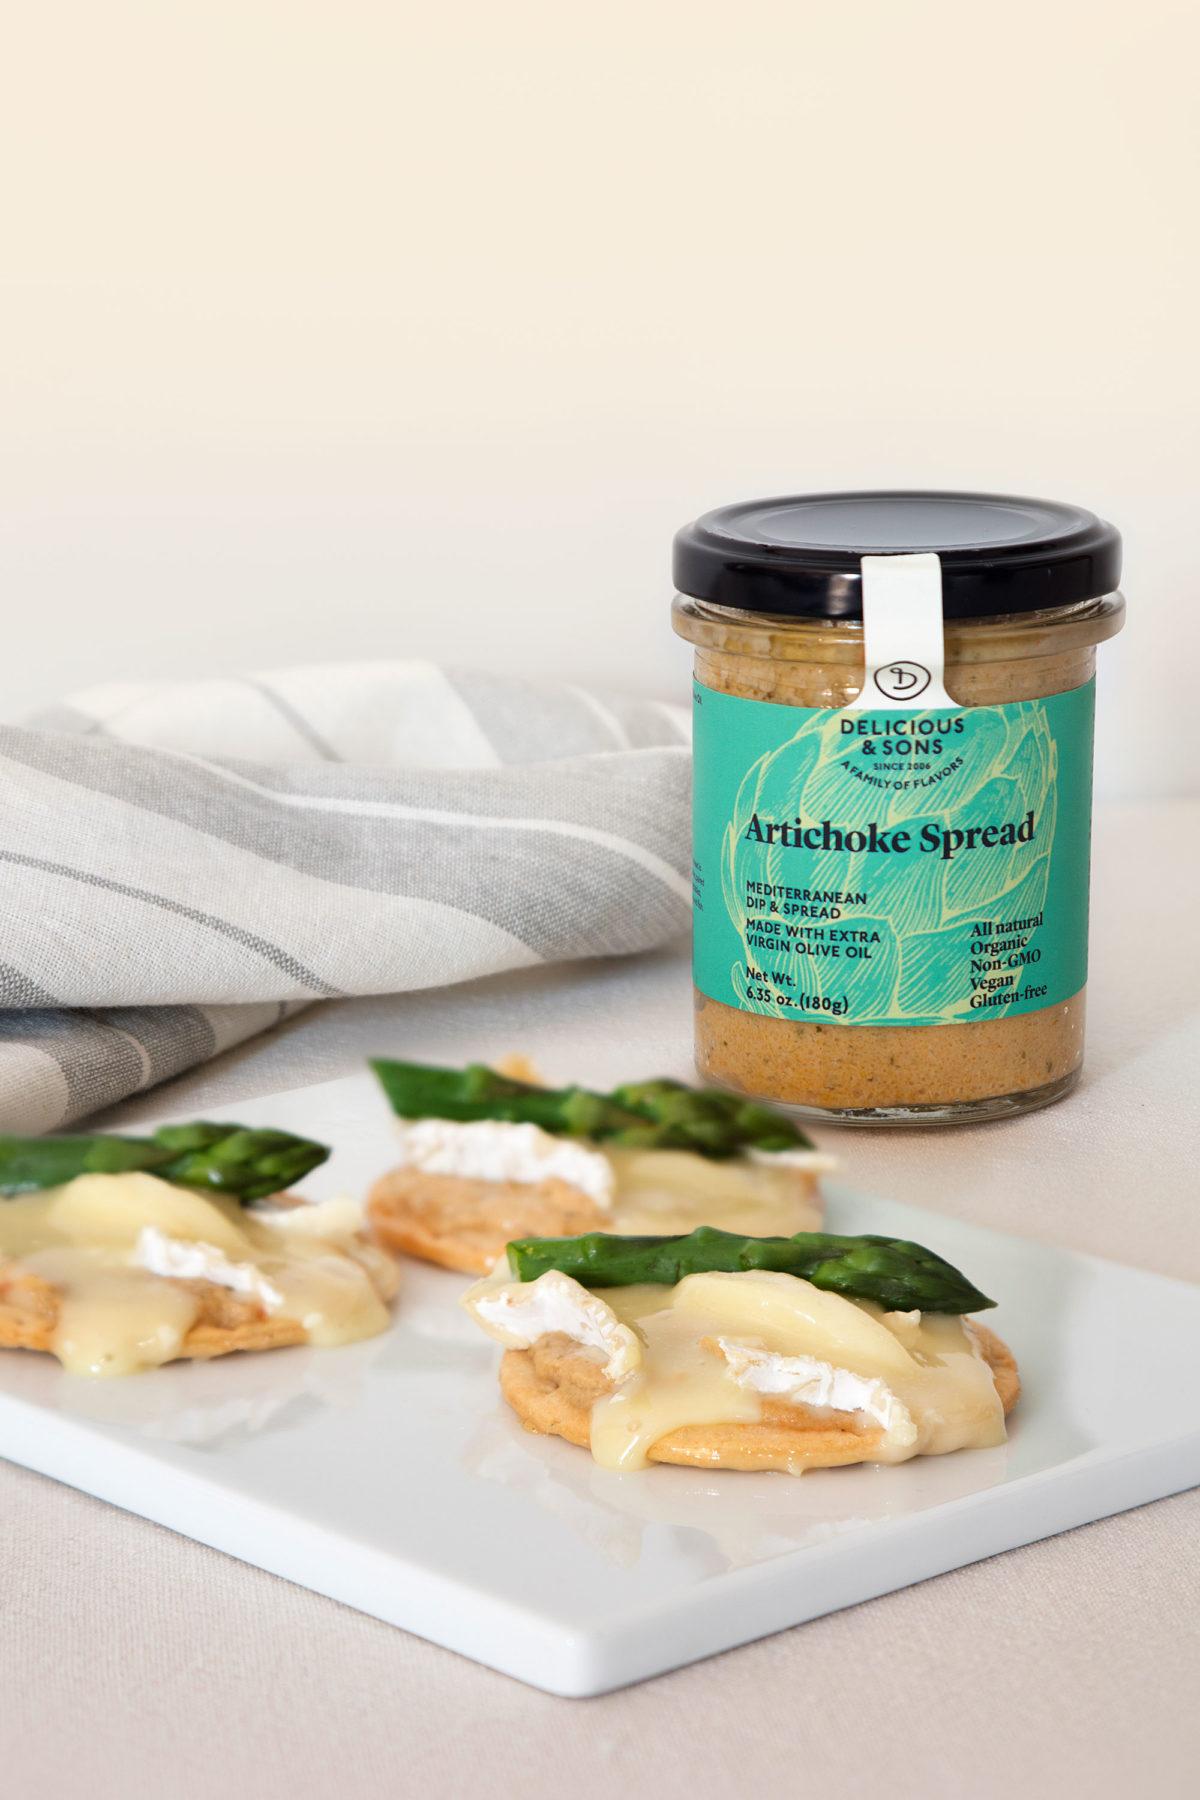 canapé-o-tostadas-con–paté-de-alcachofa-delicious-and-sons-brie-esparragos-trigueros-bodegon